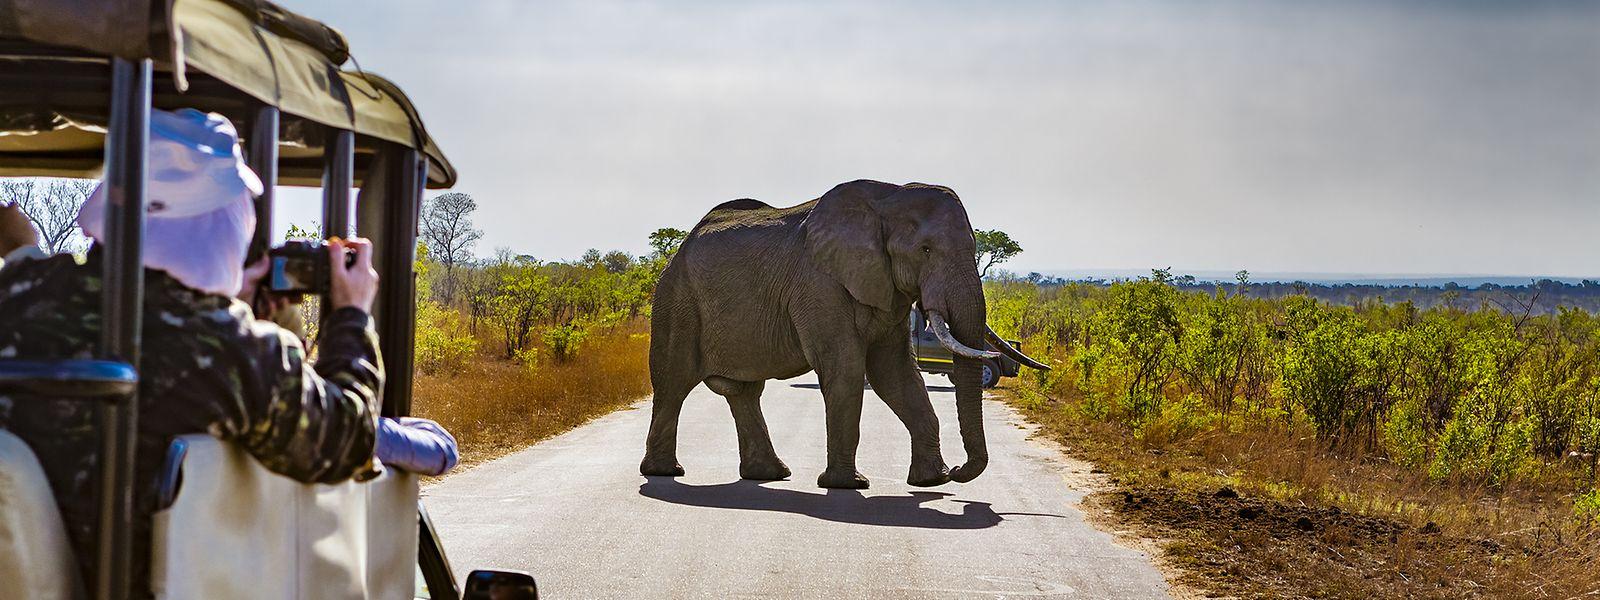 Da derzeit kaum Touristen nach Südafrika reisen, können Safaris in der bisherigen Form nicht stattfinden. Die Alternative sind Liveübertragungen mit Expertenkommentar.